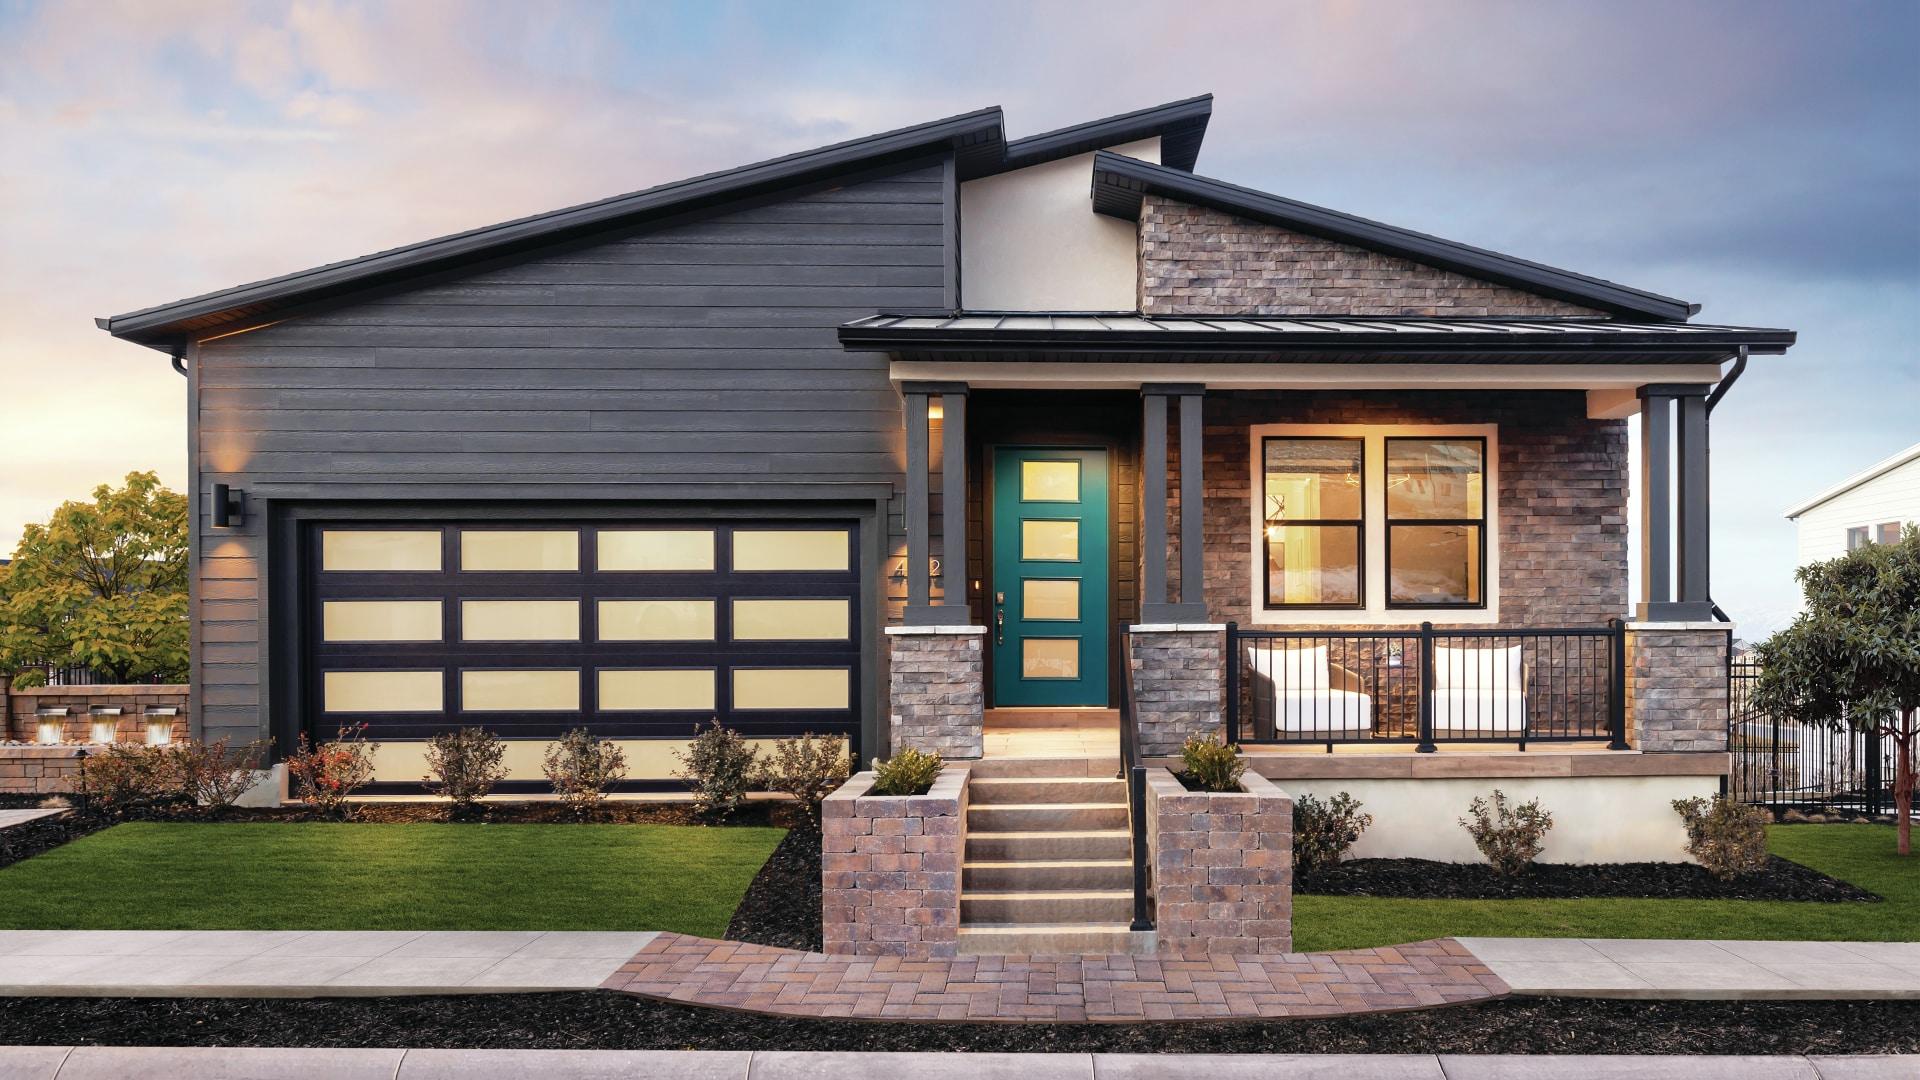 Modern Mountain exterior home designs